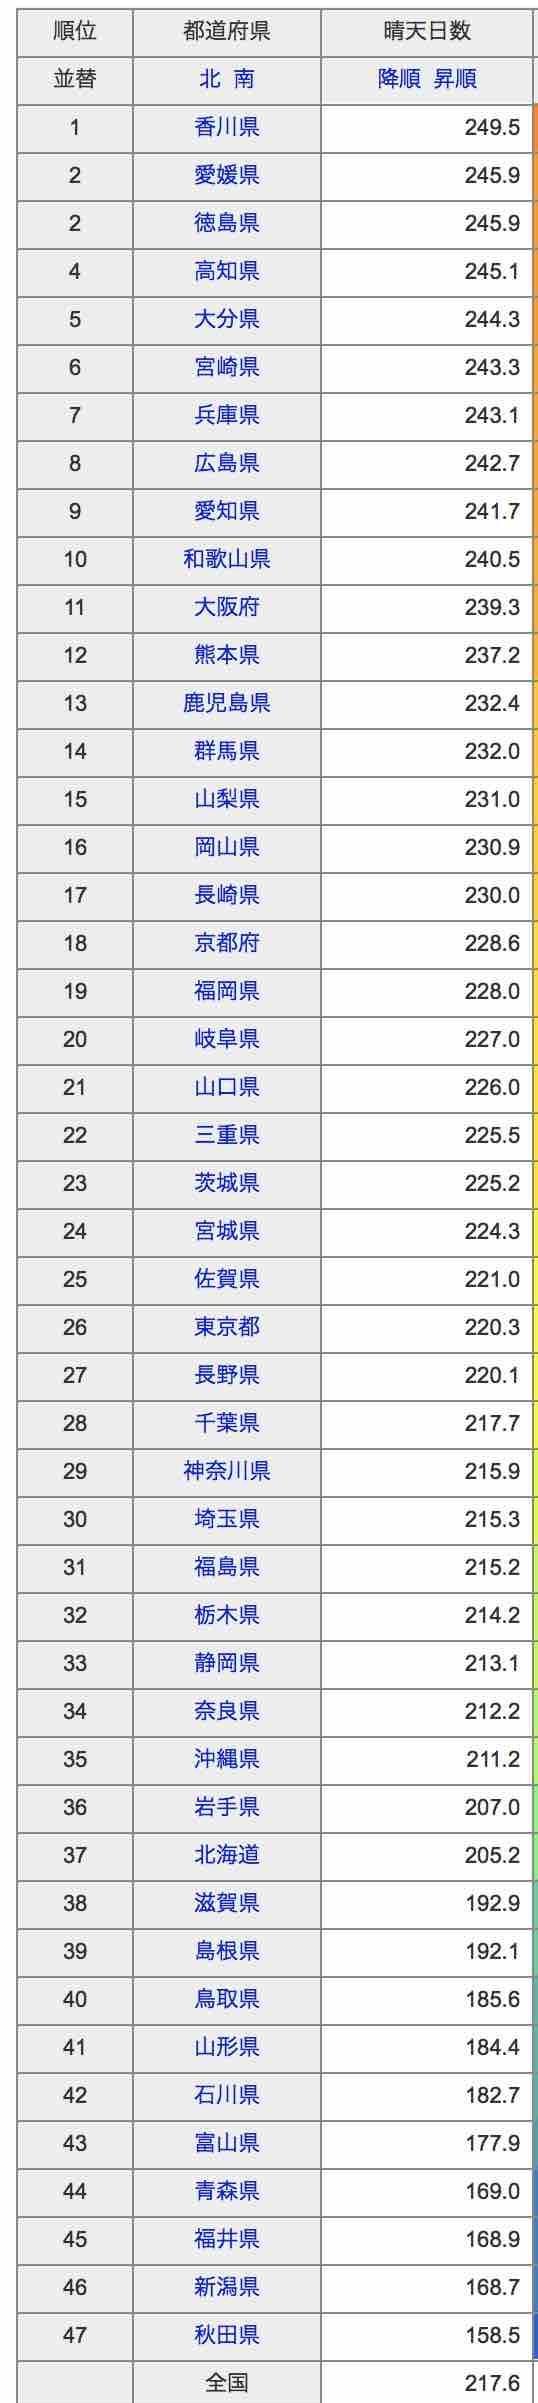 晴れの日統計2010